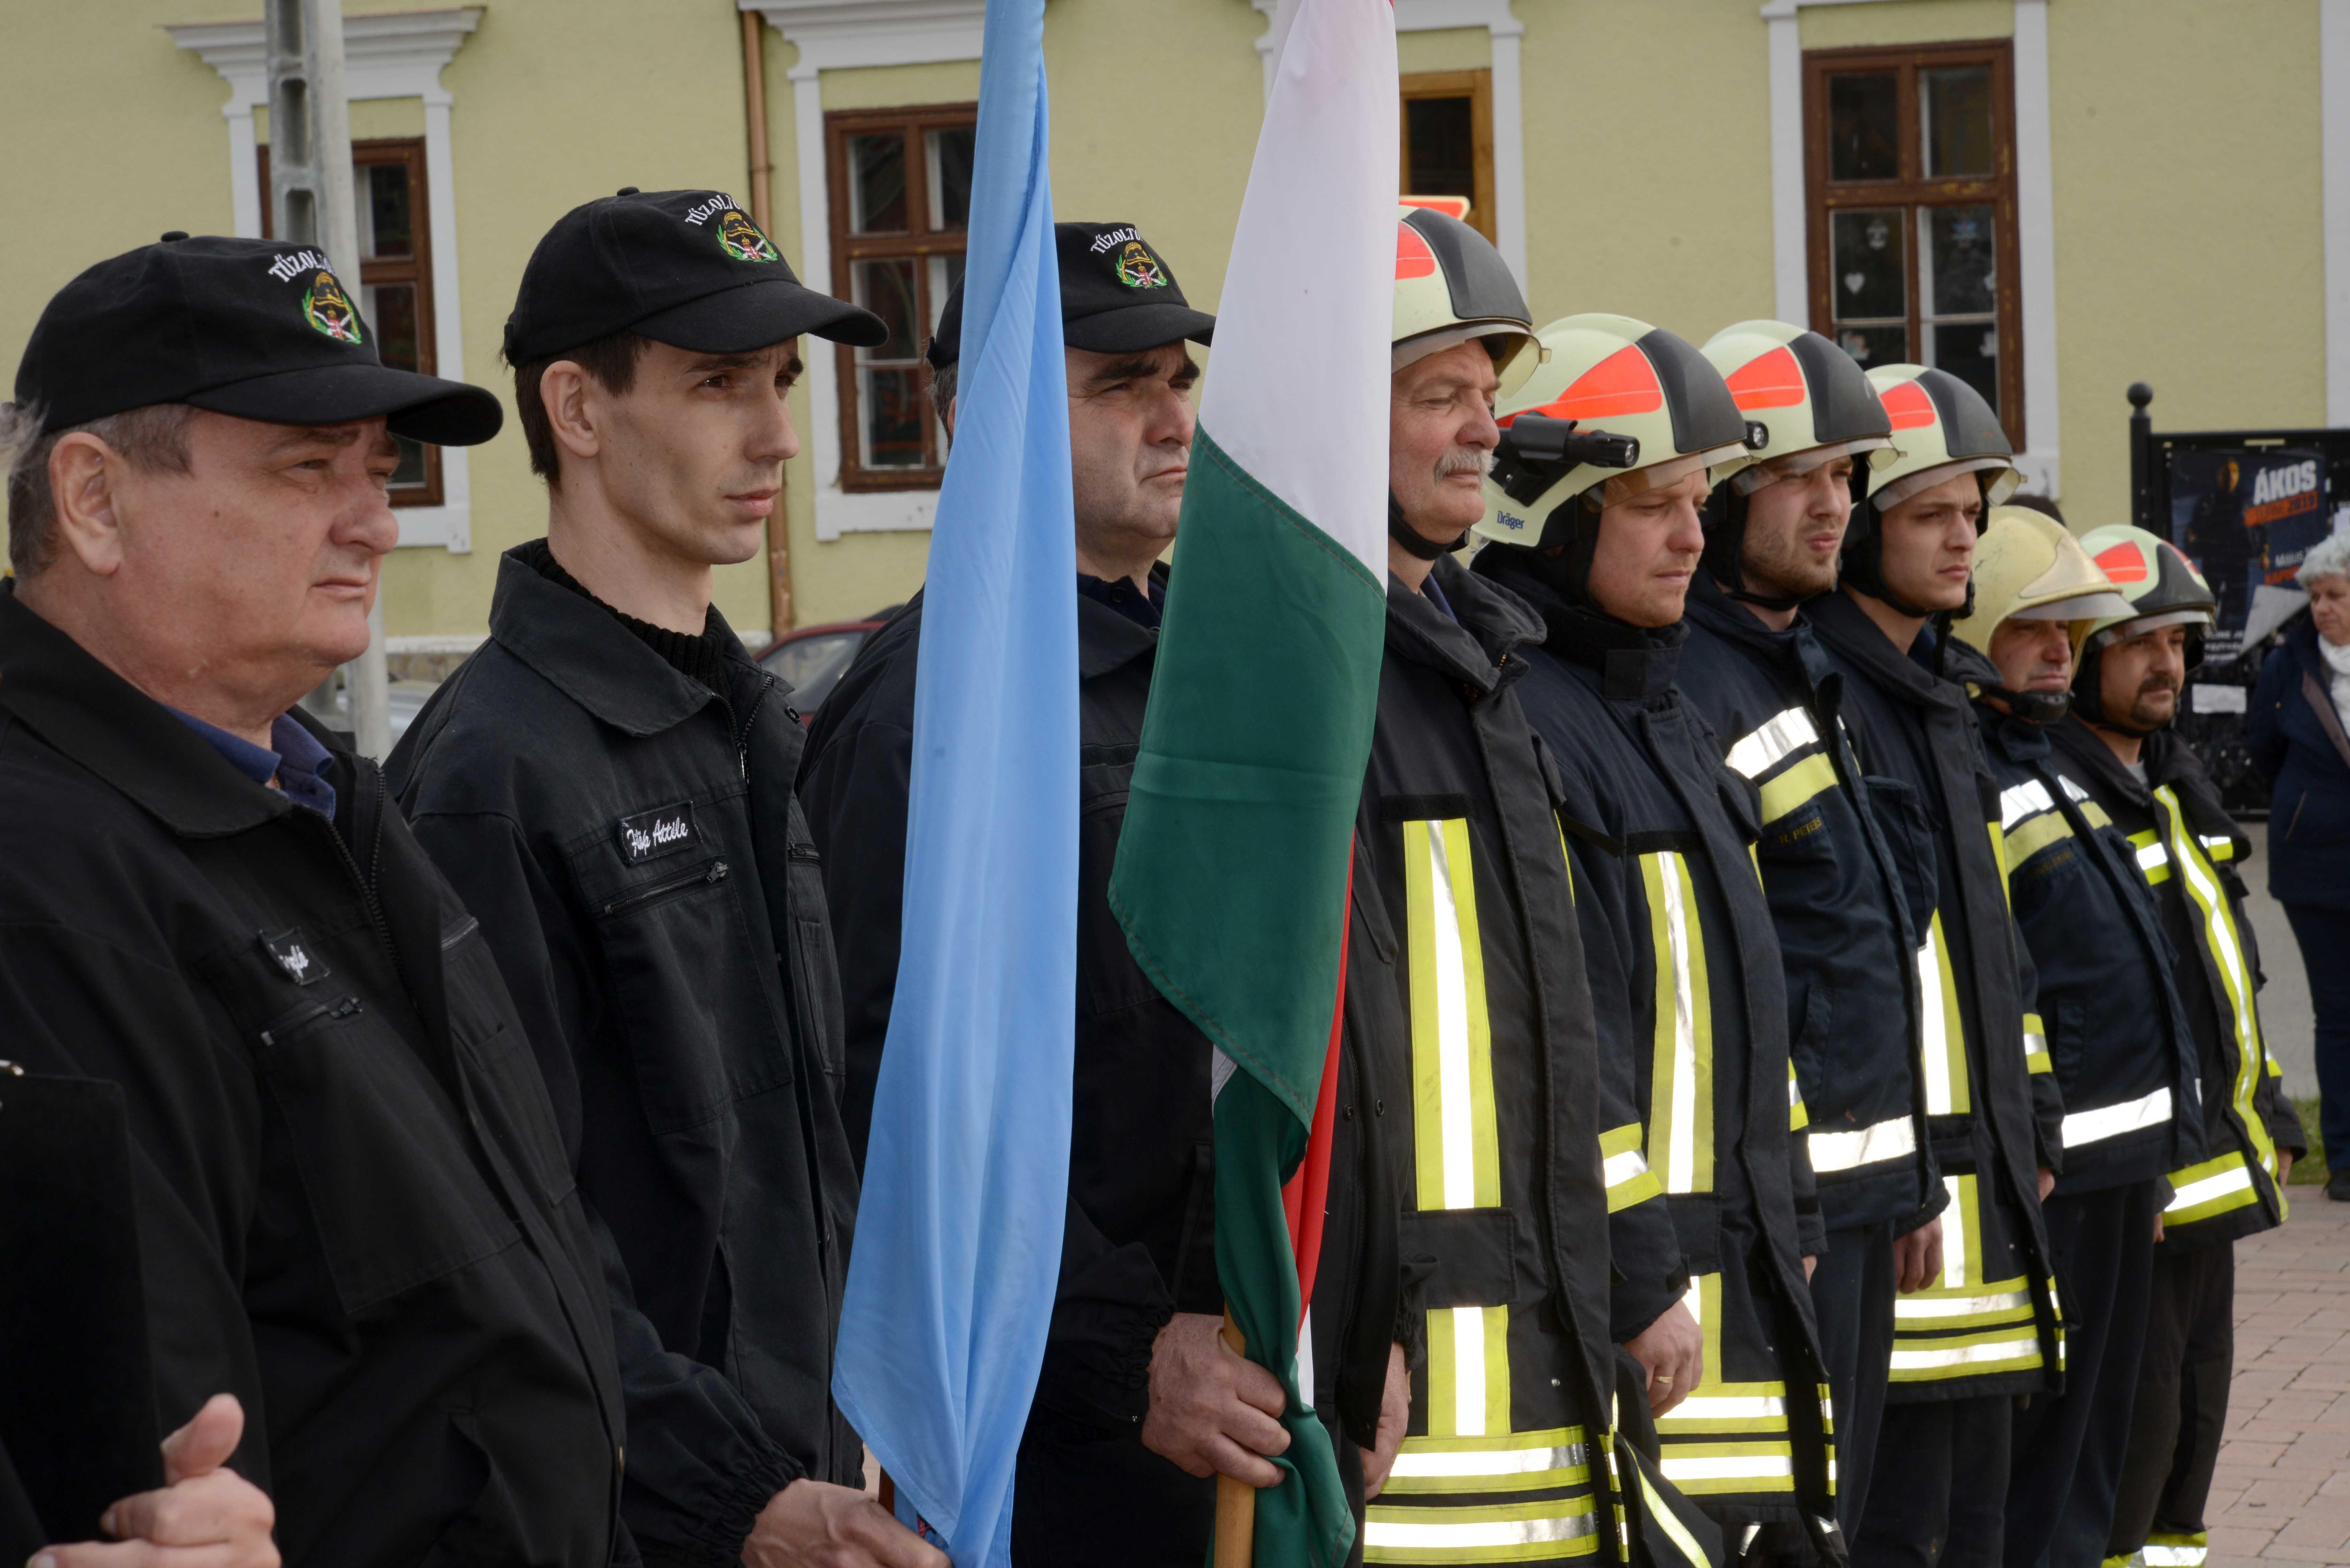 Mostantól önállóan is beavatkozhatnak az igali önkéntes tűzoltók